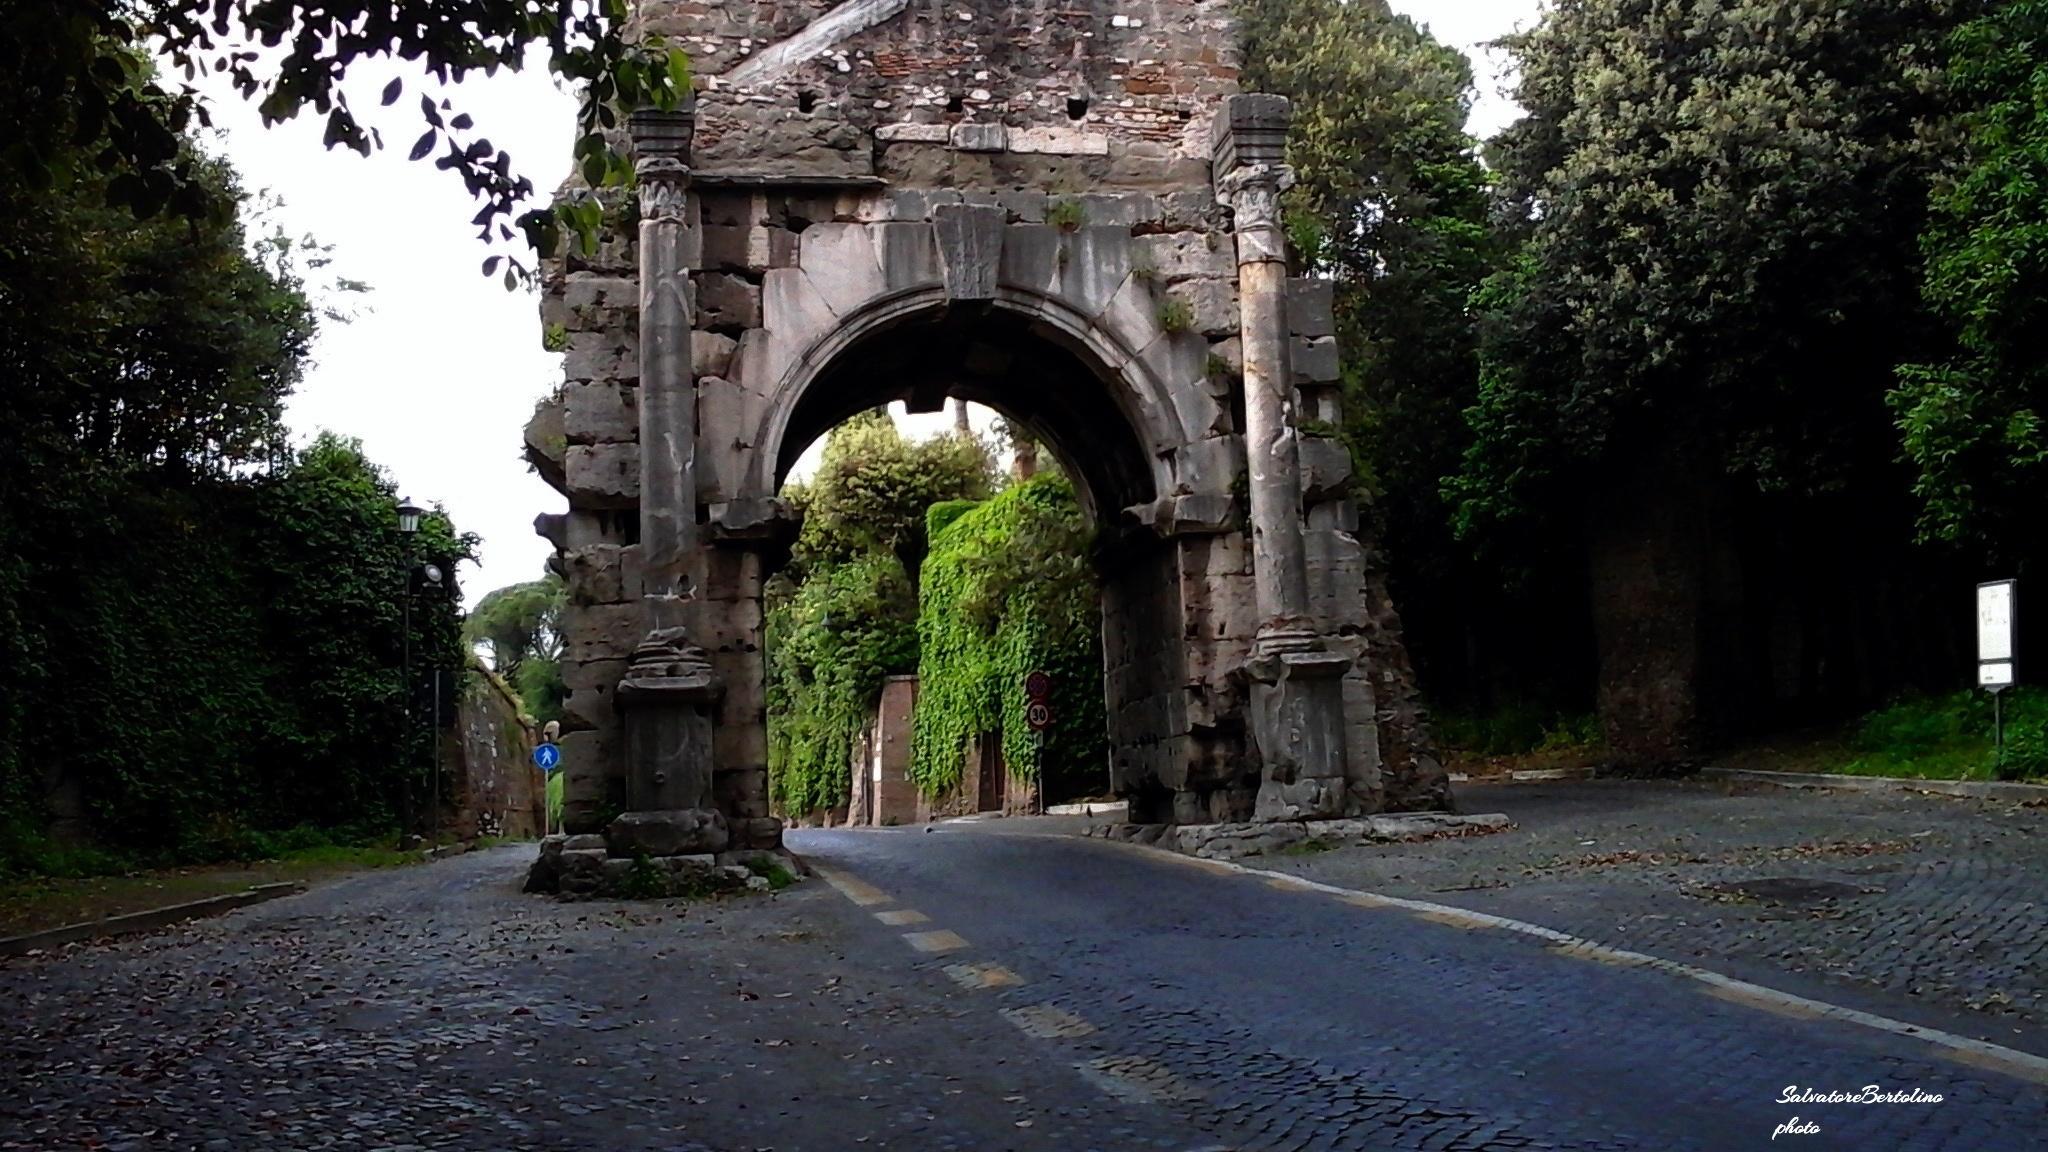 Roma. L'arco di Druso sull'Appia antica by Salvatore Bertolino